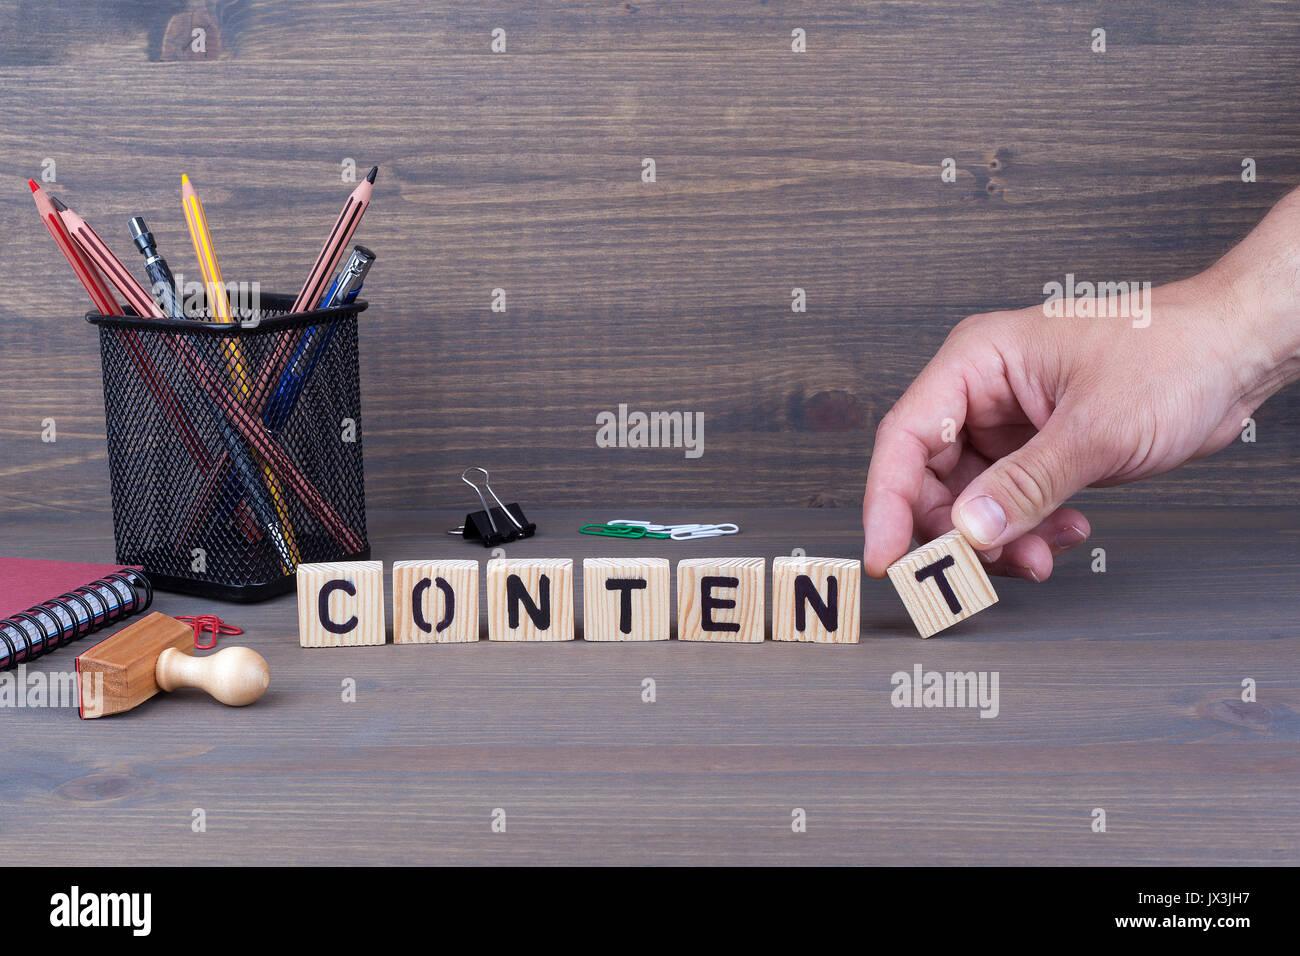 Concept de contenu. Lettres en bois sur fond sombre Photo Stock